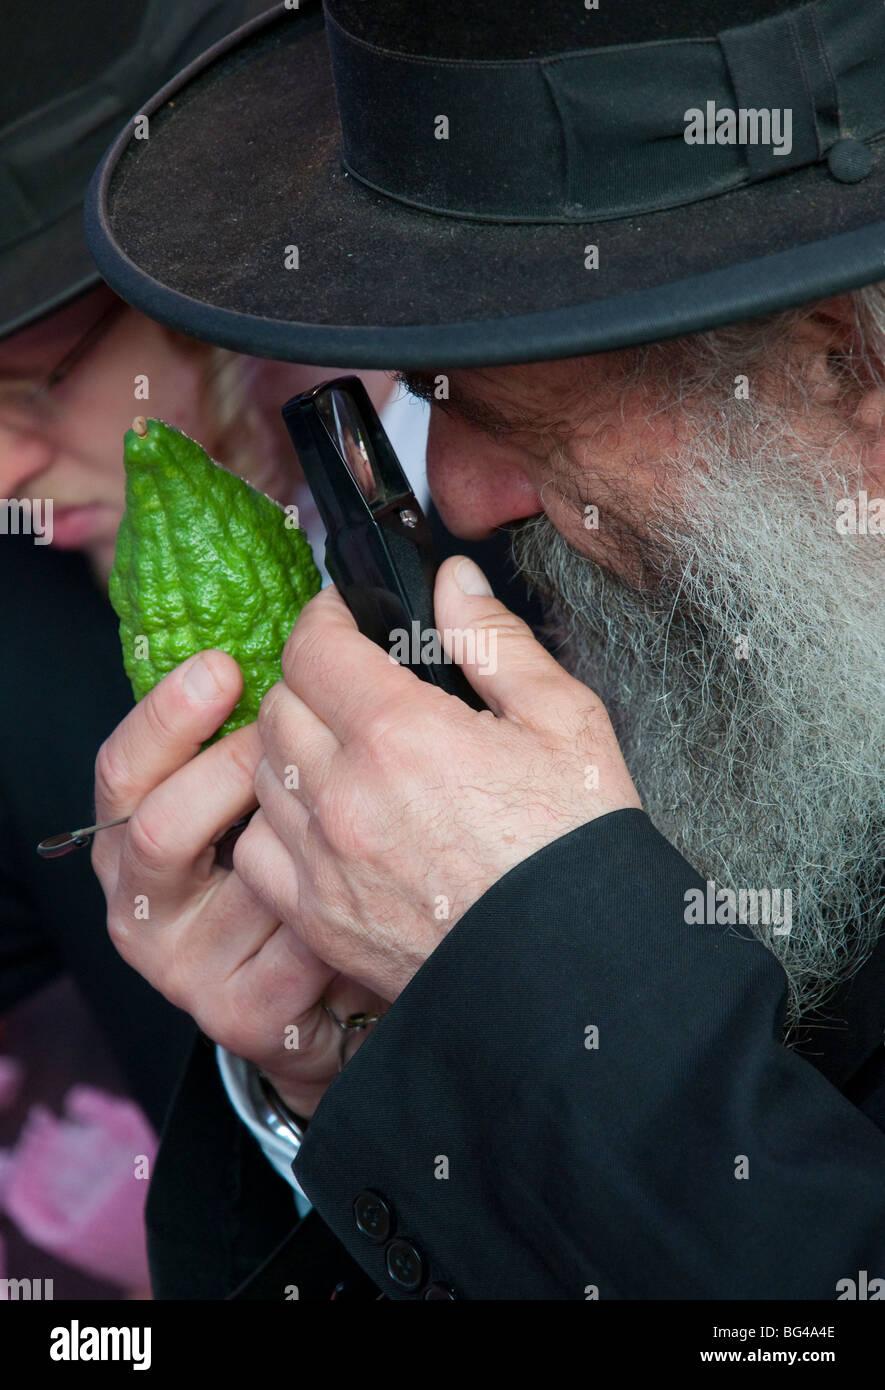 orthodox jew checking citrus etrog for the sukkot celebrations - Stock Image